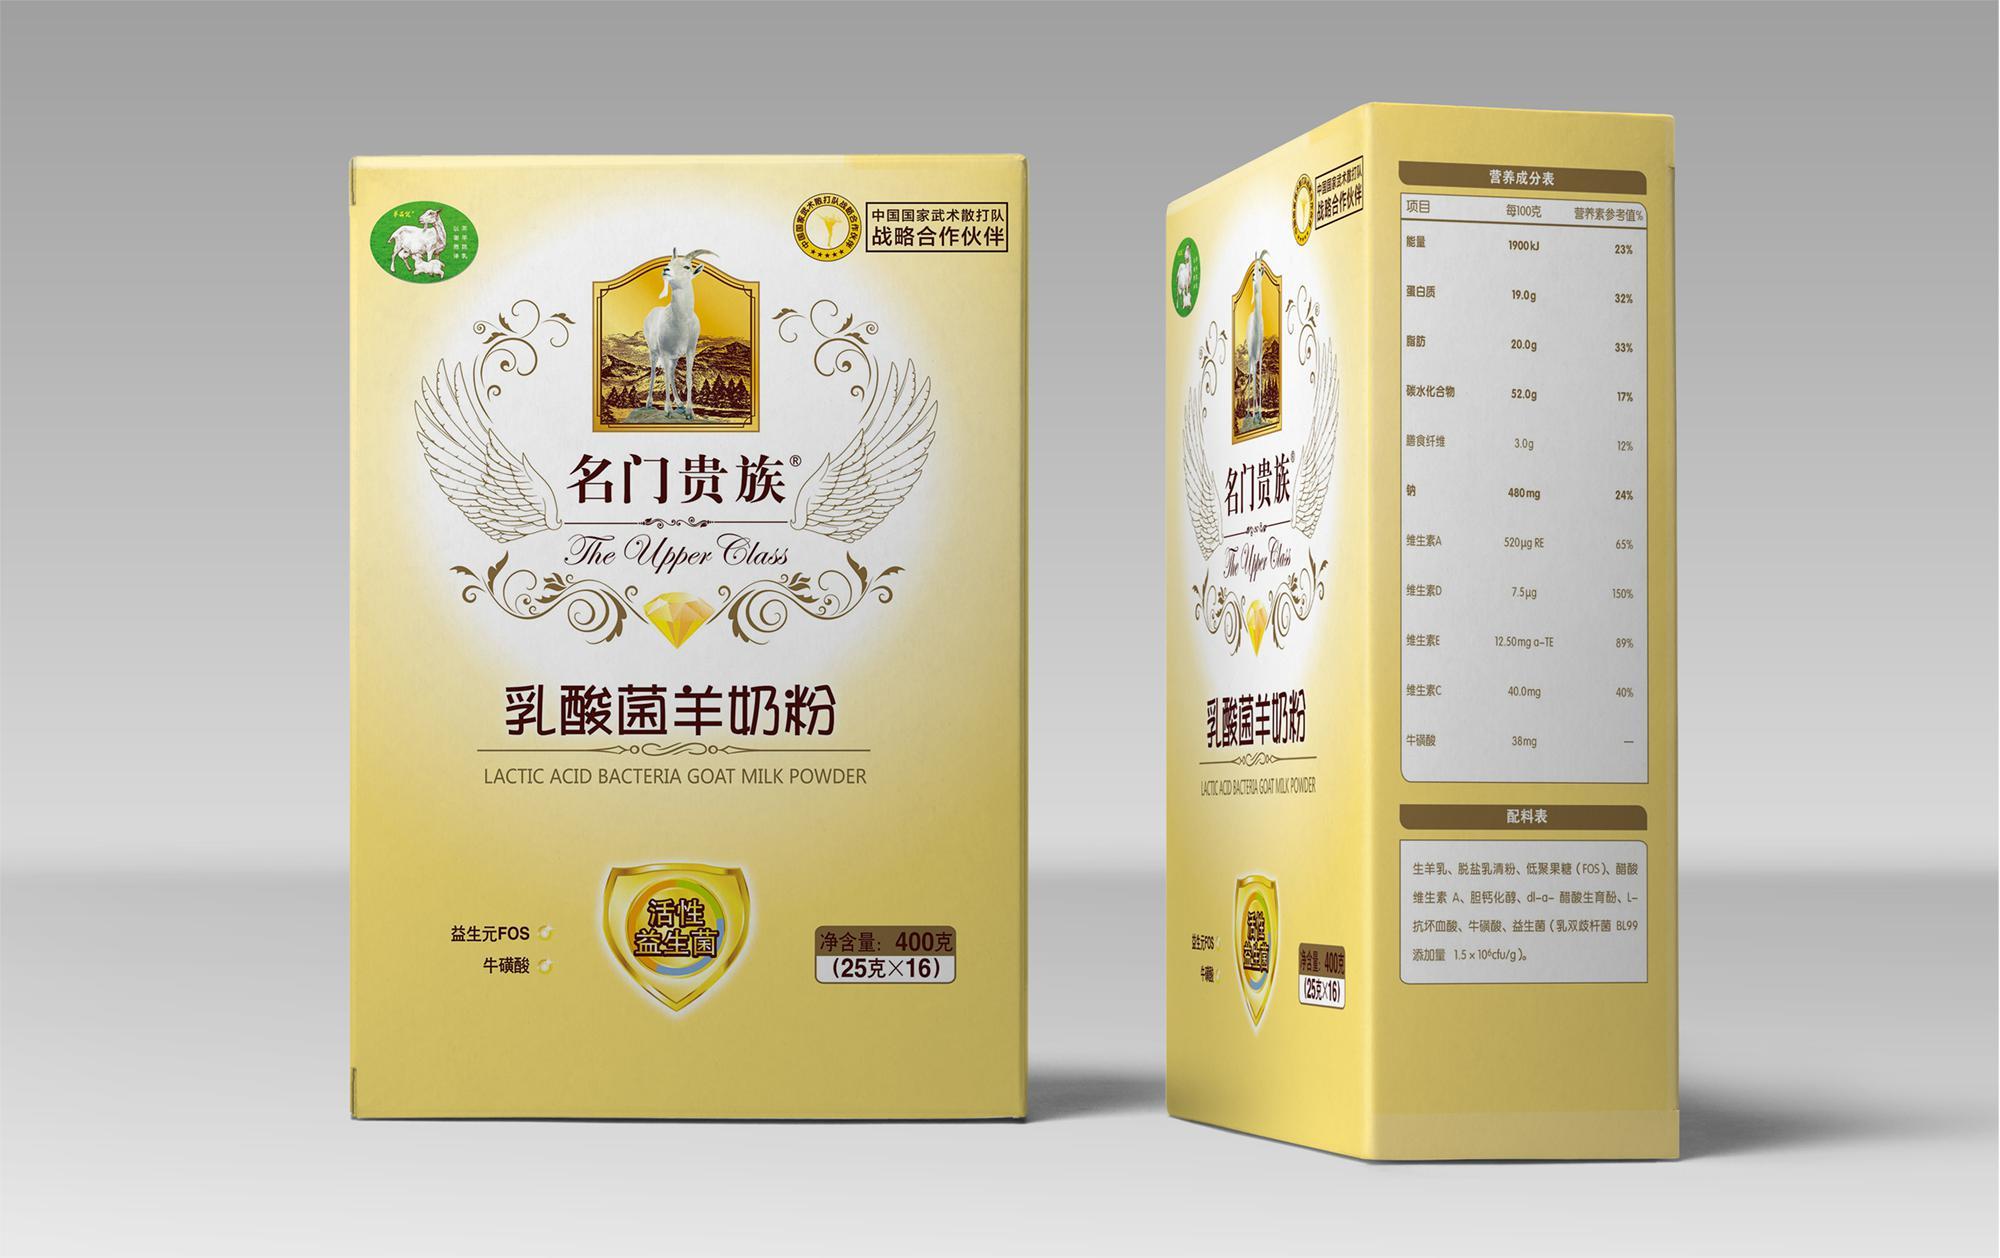 名門貴族乳酸菌羊(yang)奶粉